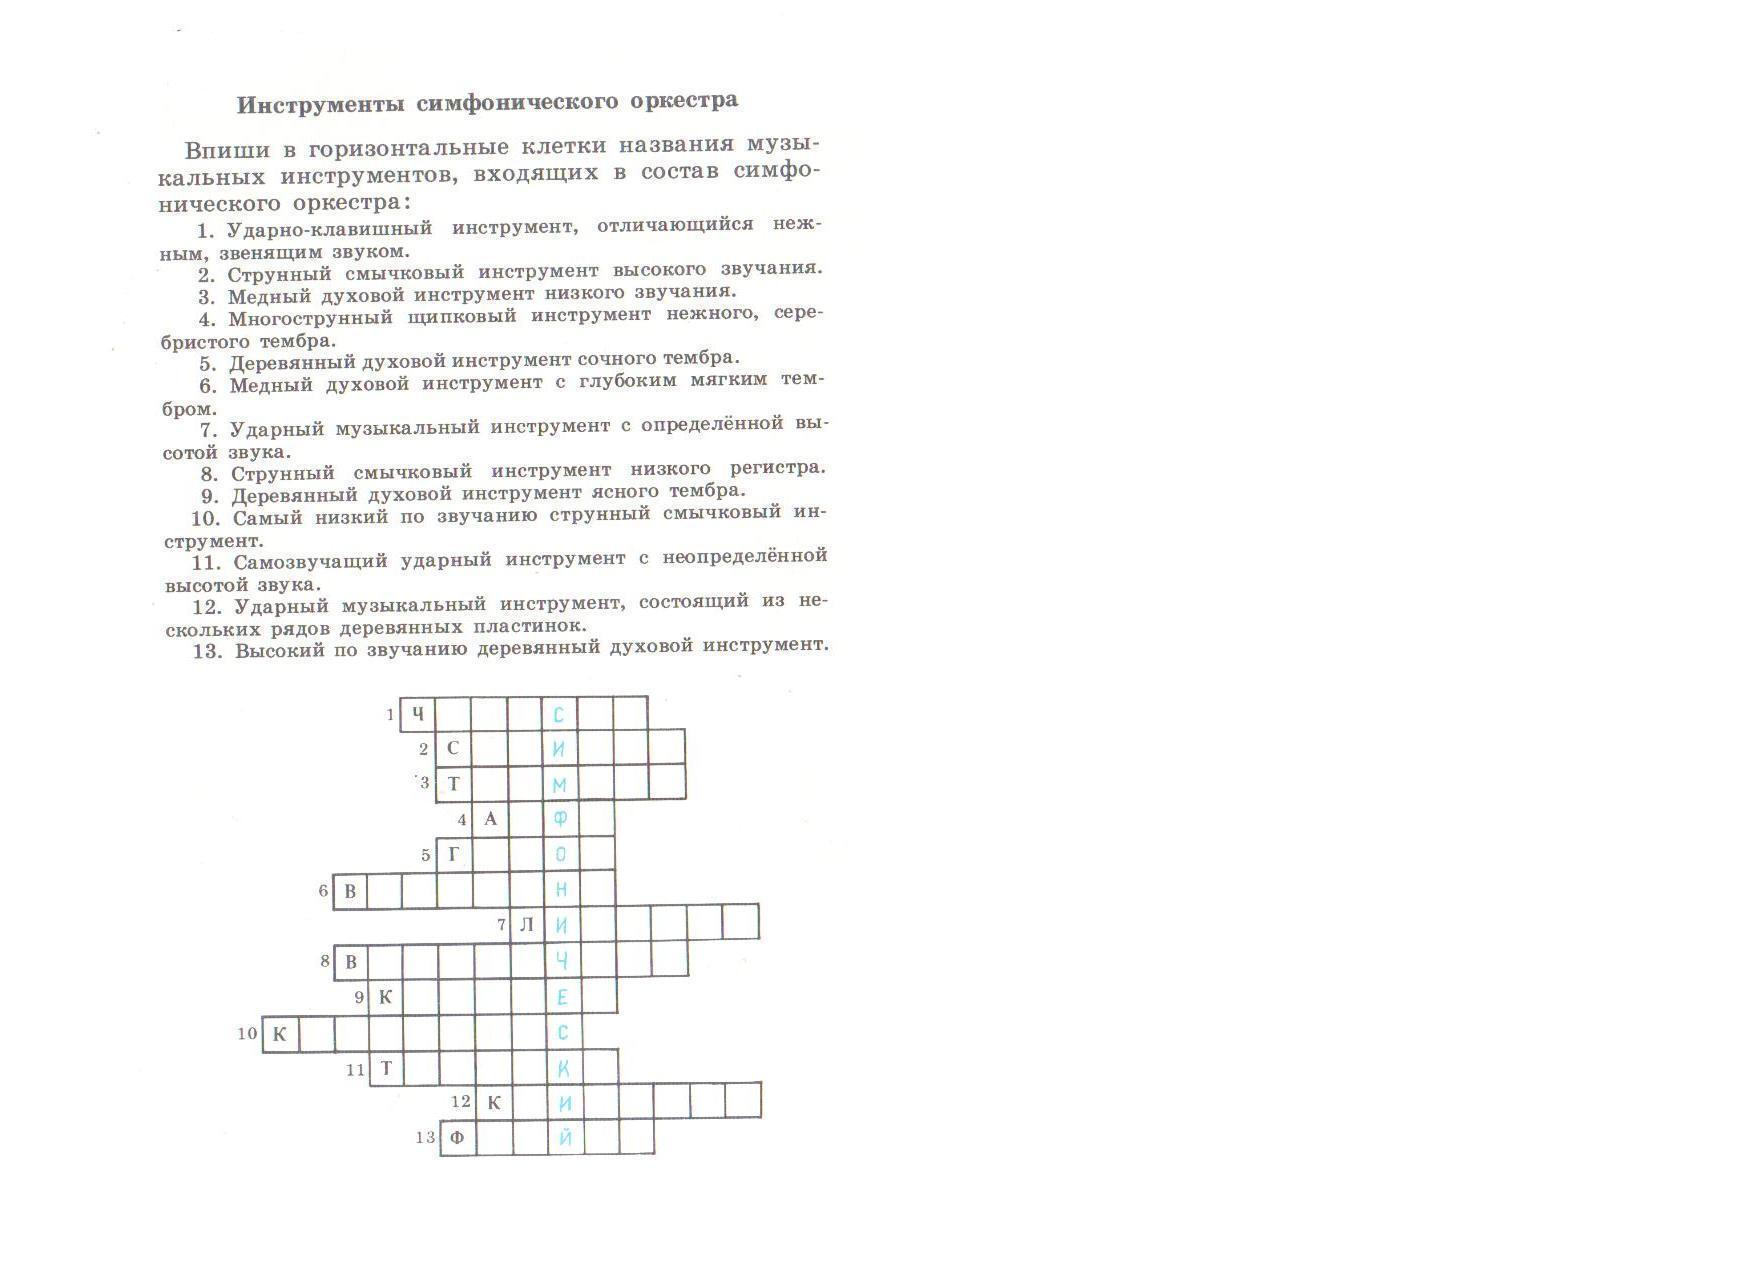 E:\МИСС МУЗЫКА 2013\Кроссворд. Инструменты симфонического оркестра.jpg